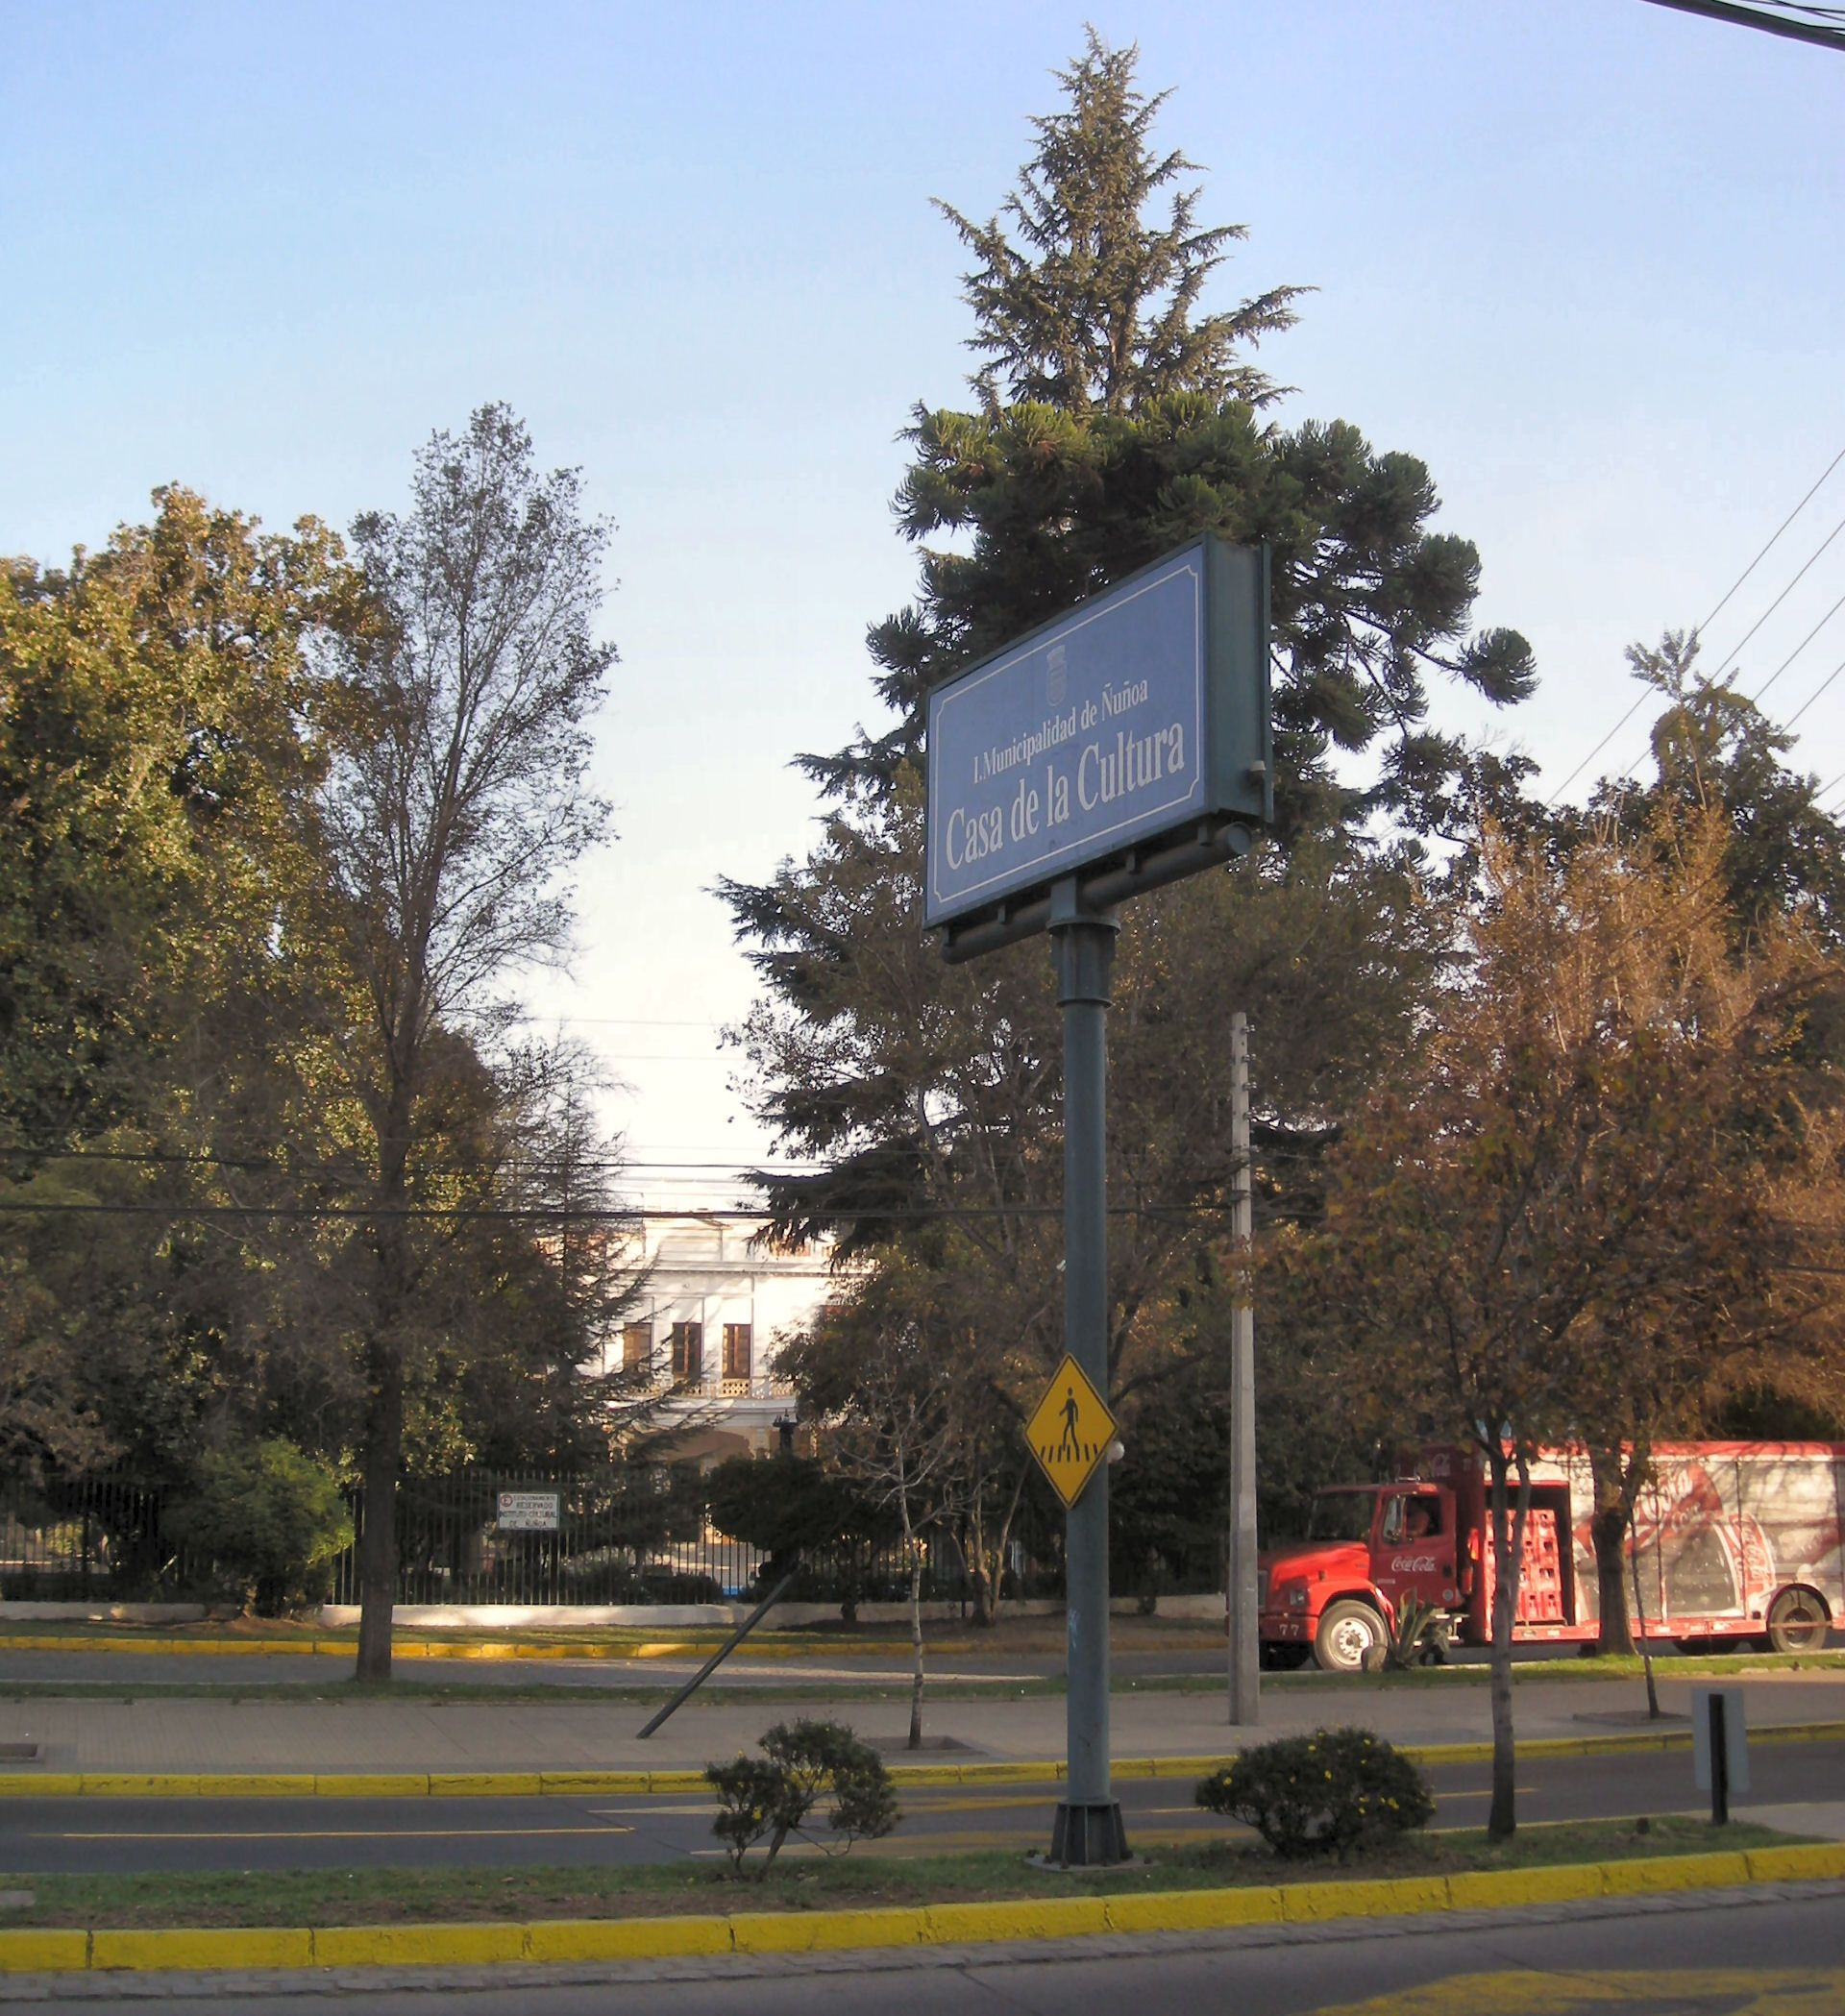 Parque de la casa de la cultura de u oa con cedrus deodara y araucaria bidwilli muy a osos - La casa del parque ...